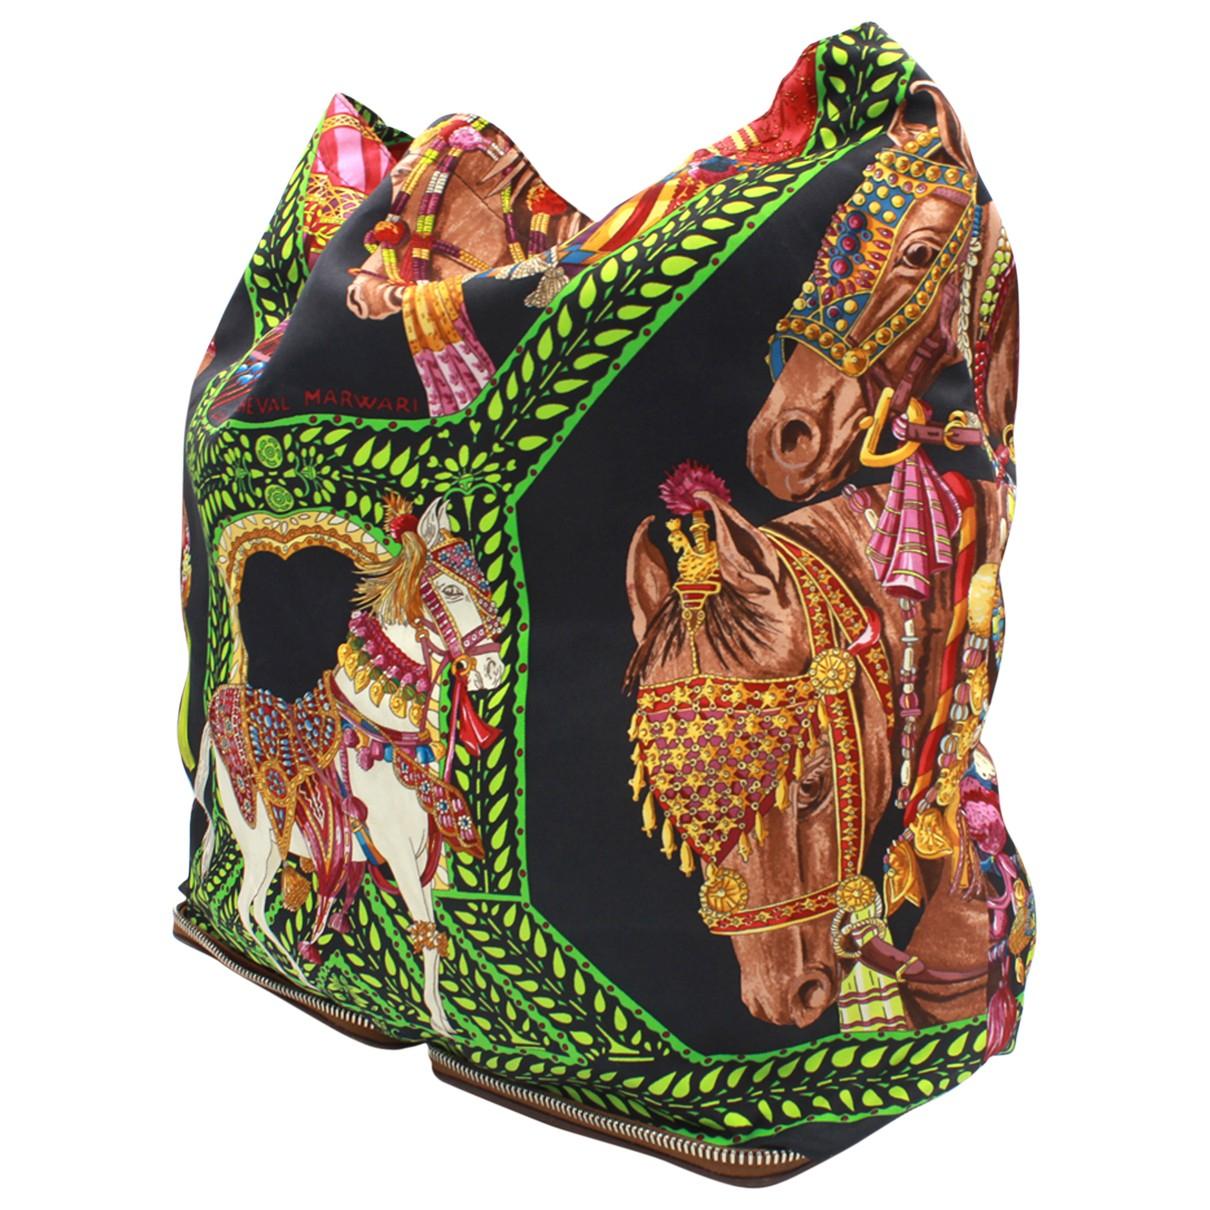 Hermes - Sac a main Silky Pop pour femme en toile - multicolore